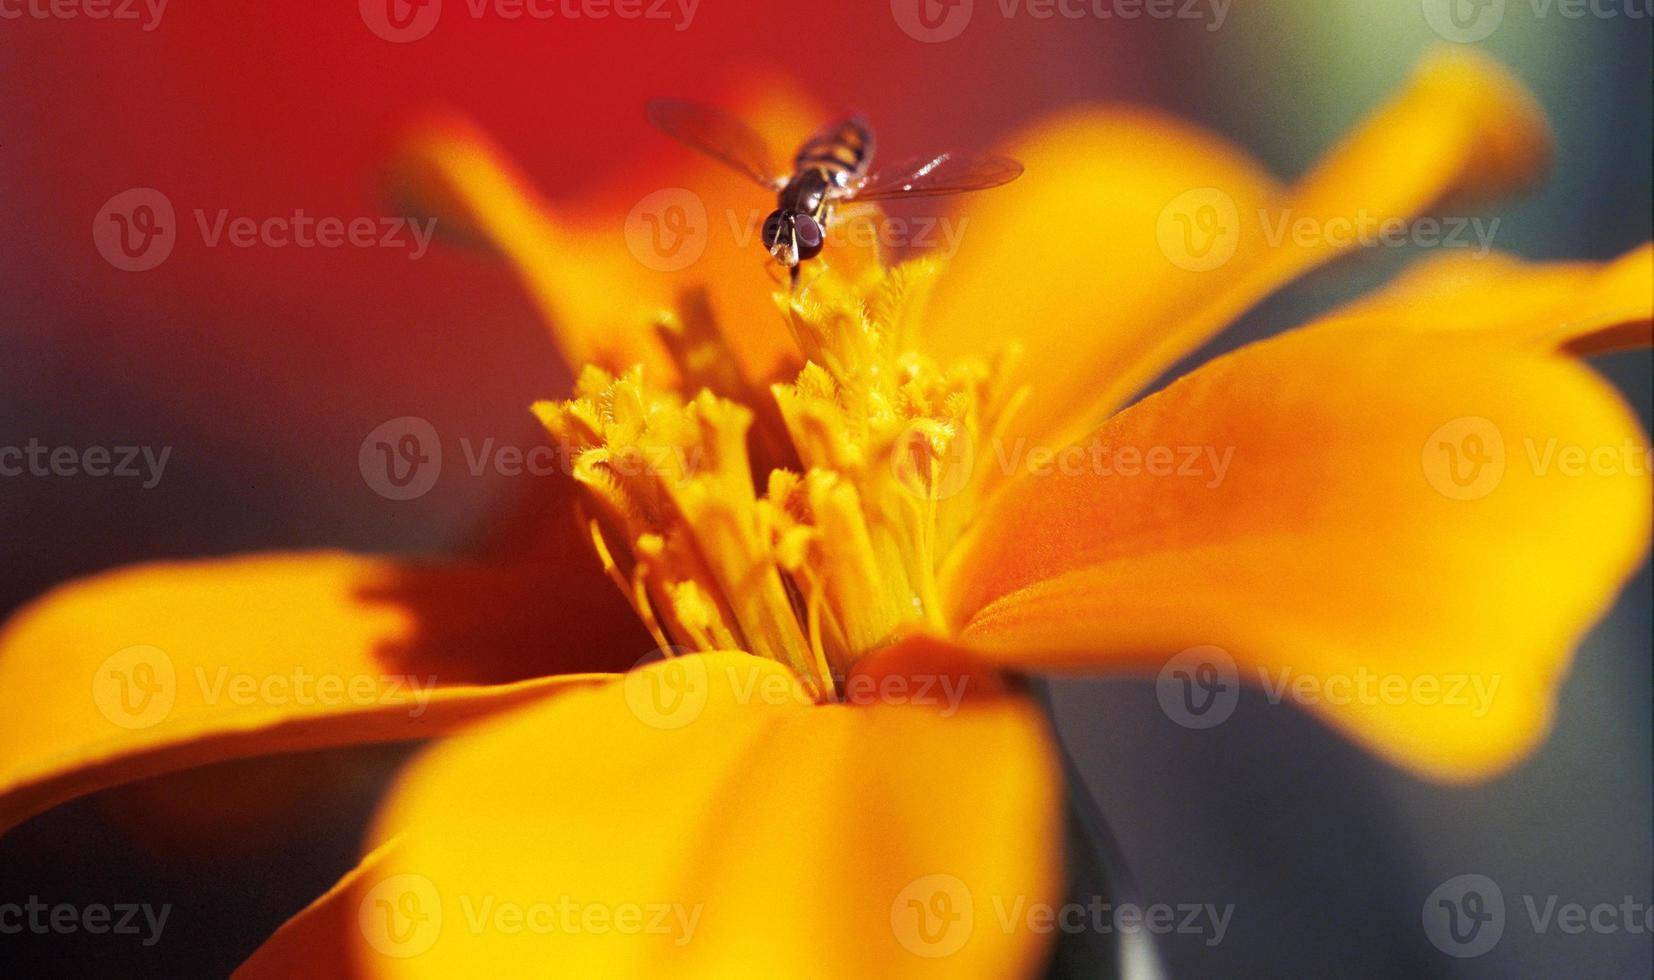 mosca con le gambe lunghe in bilico sul bellissimo fiore giallo-arancio foto